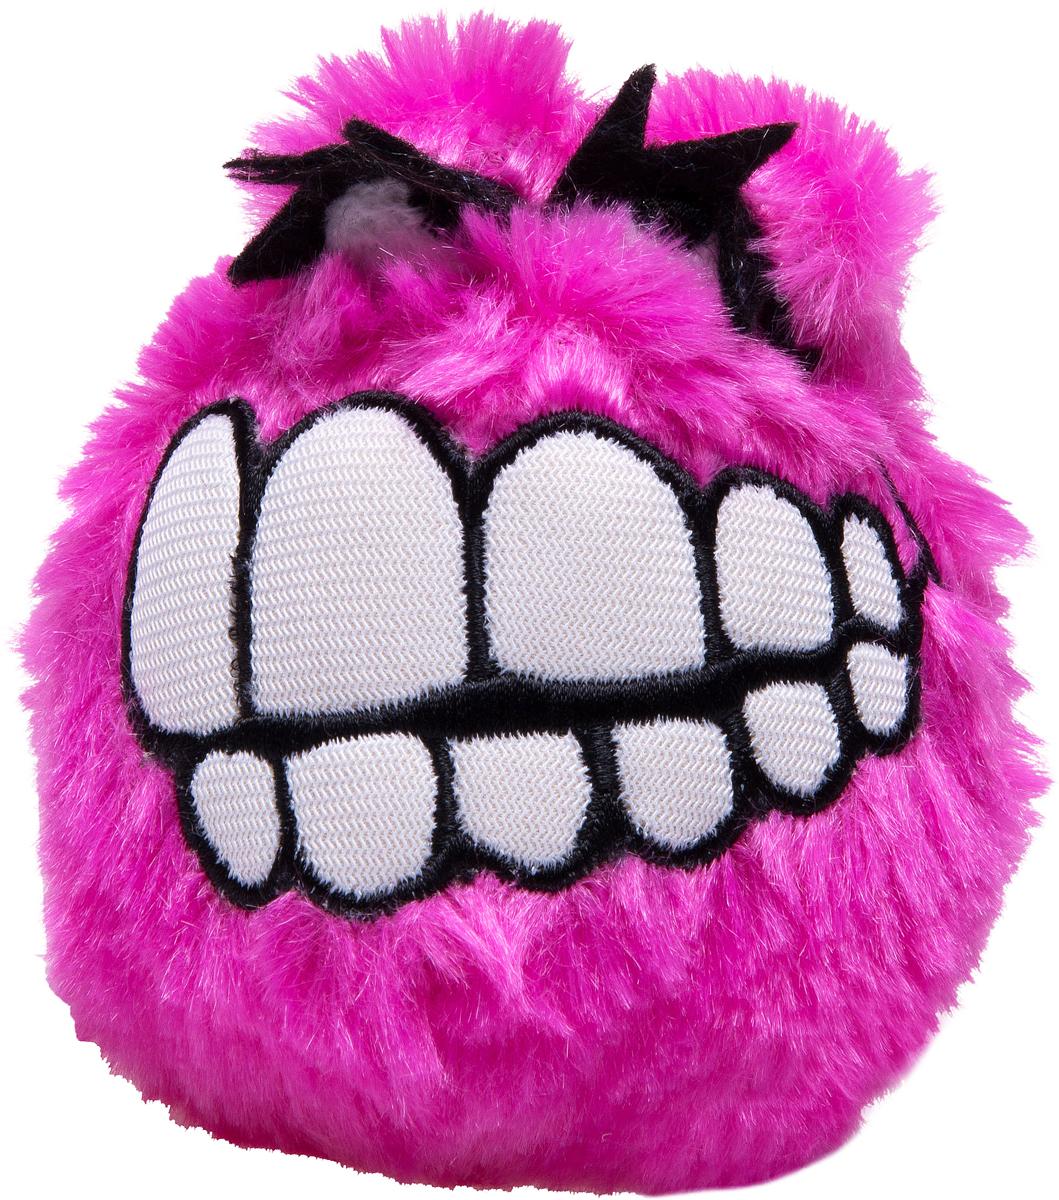 Игрушка для собак Rogz Fluffy Grinz. Зубы, цвет: розовый, диаметр 6,4 смCGR03KИгрушка для собак Rogz Fluffy Grinz. Зубы - особо мягкий, плюшевый мяч. Для животных, которые любят играть в Поймай-принеси - это просто мечта.Небольшой вес изделия.Не травмирует зубы и десны.Удобен для переноски животных.Внутри игрушки пищалка, что поддерживает интерес животного к игре.